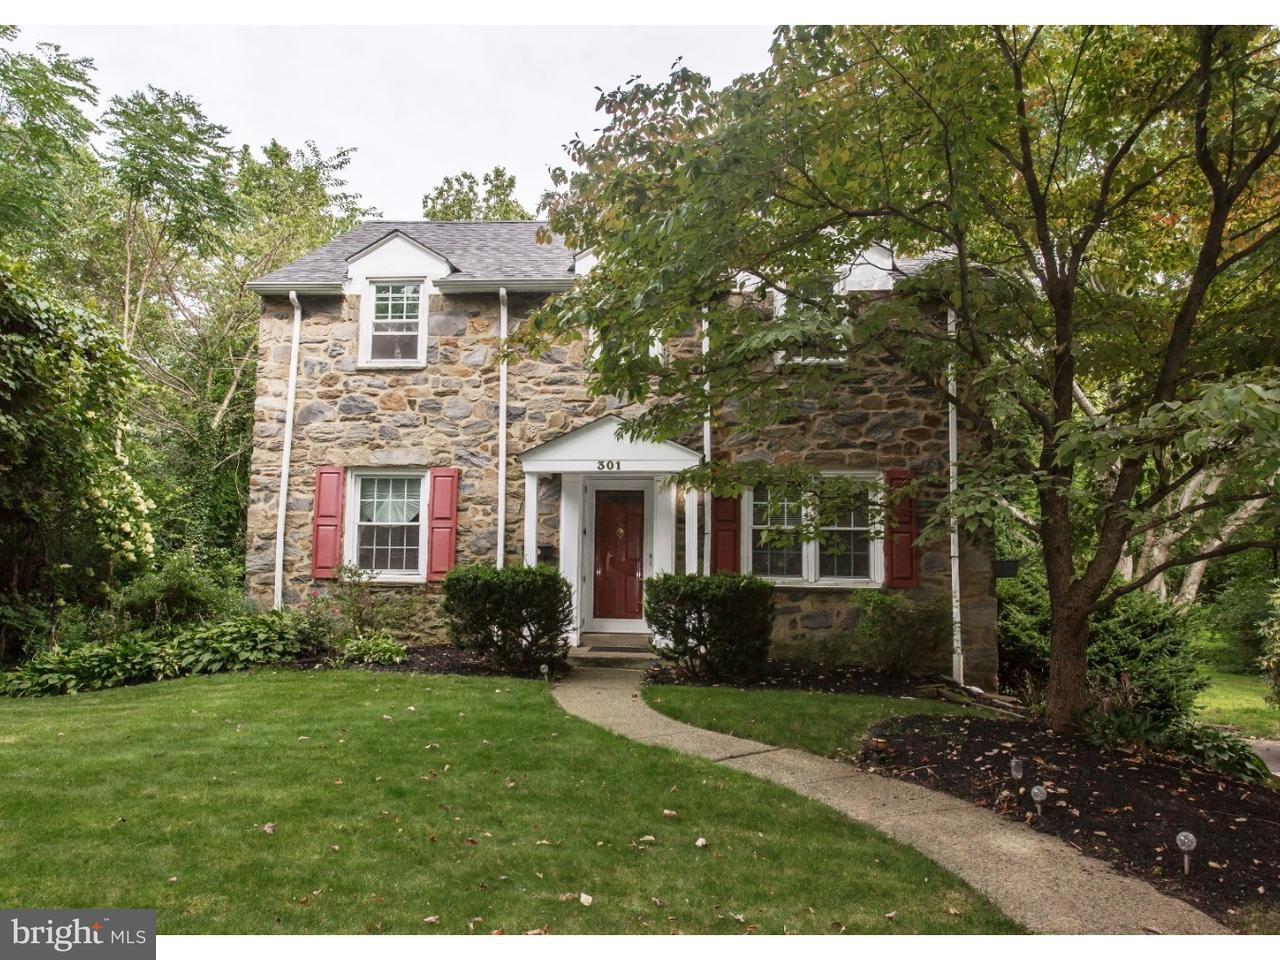 Casa Unifamiliar por un Venta en 301 RIVERVIEW Road Swarthmore, Pennsylvania 19081 Estados Unidos